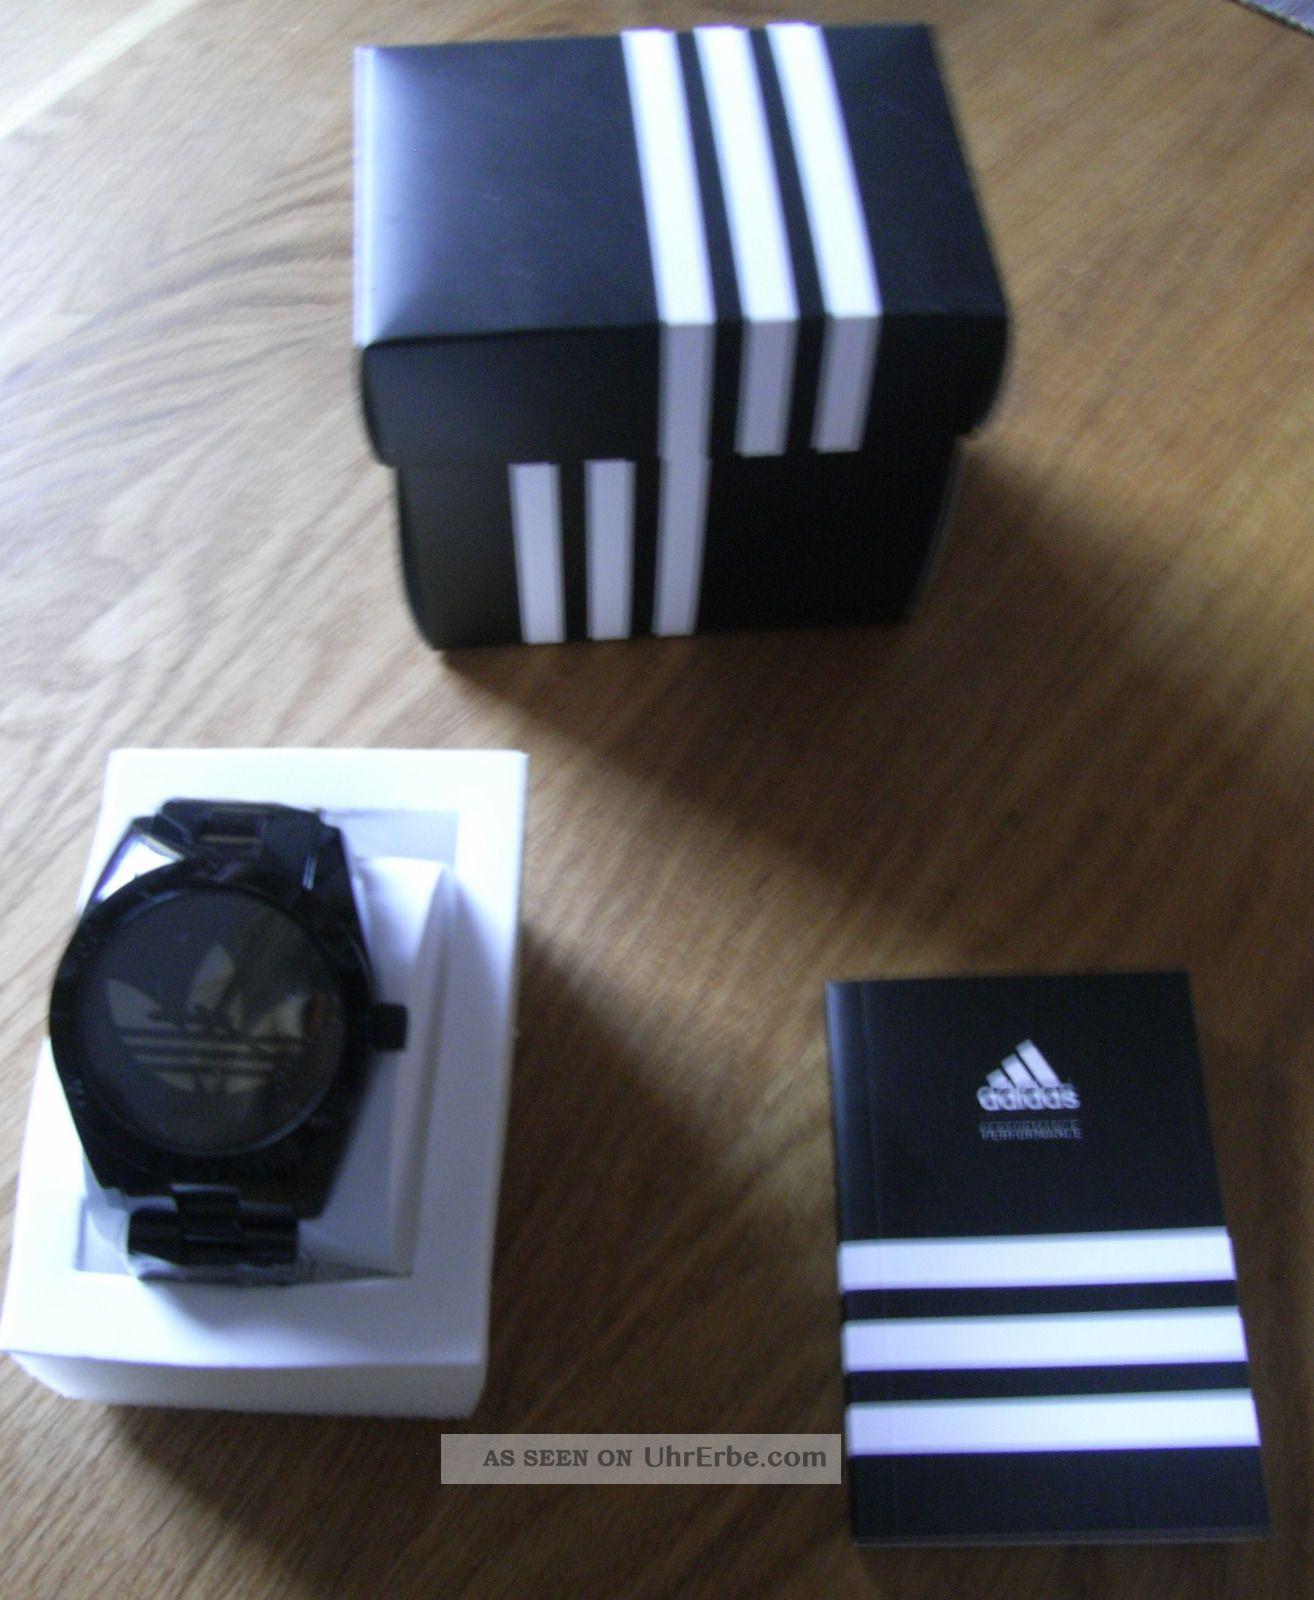 Adidas Uhr Santiago Curitiba Schwarz Armbanduhren Bild